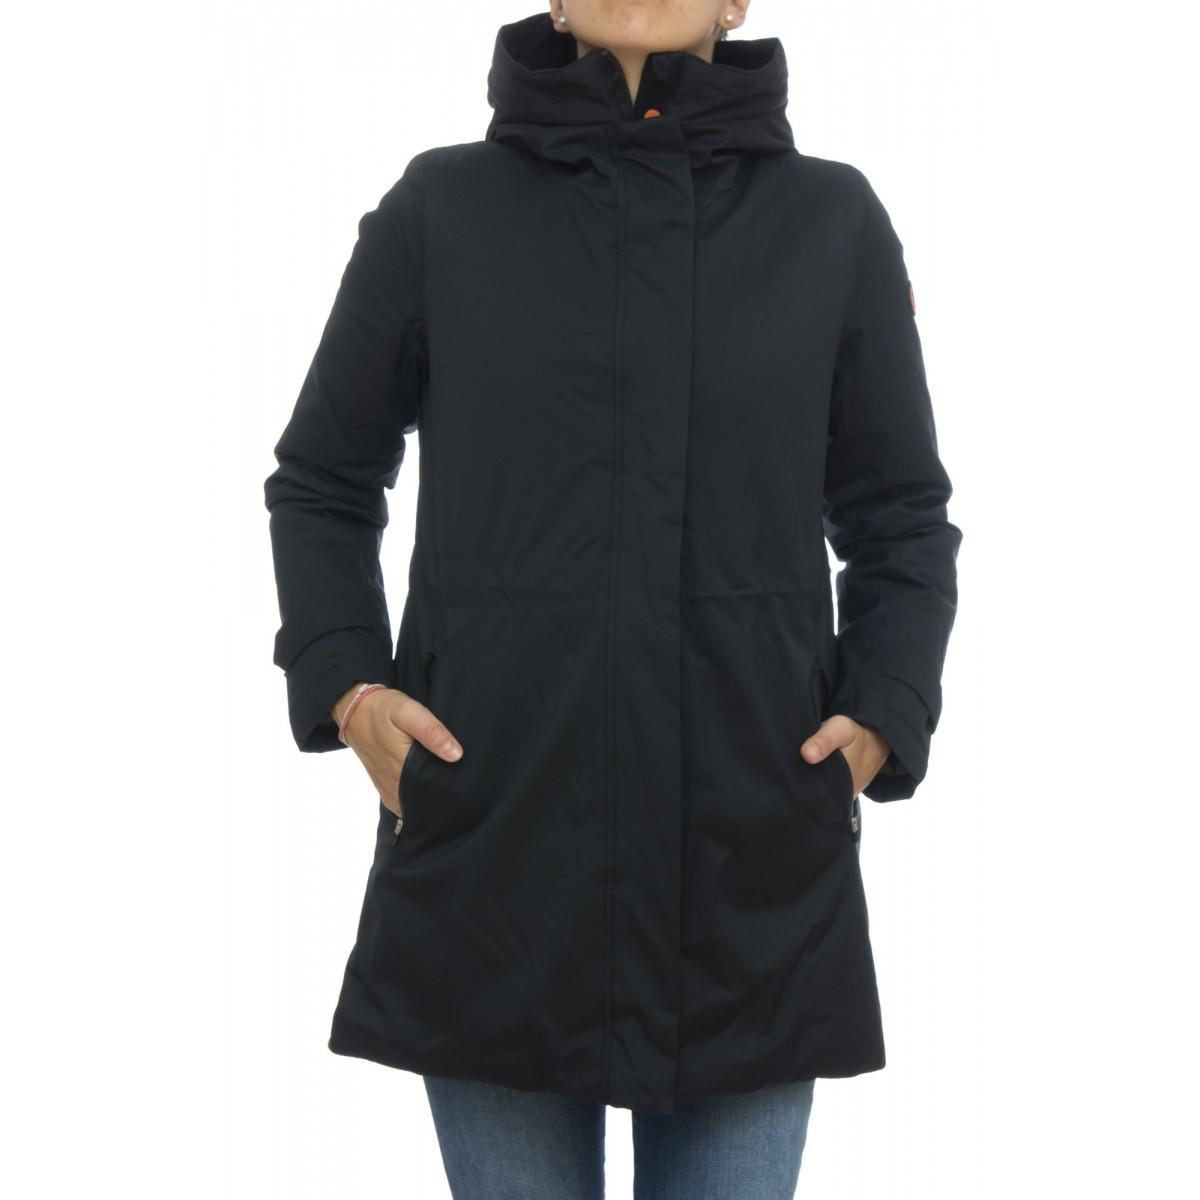 Piumino - D4033w twin7 parka pelliccia interno anti pioggia